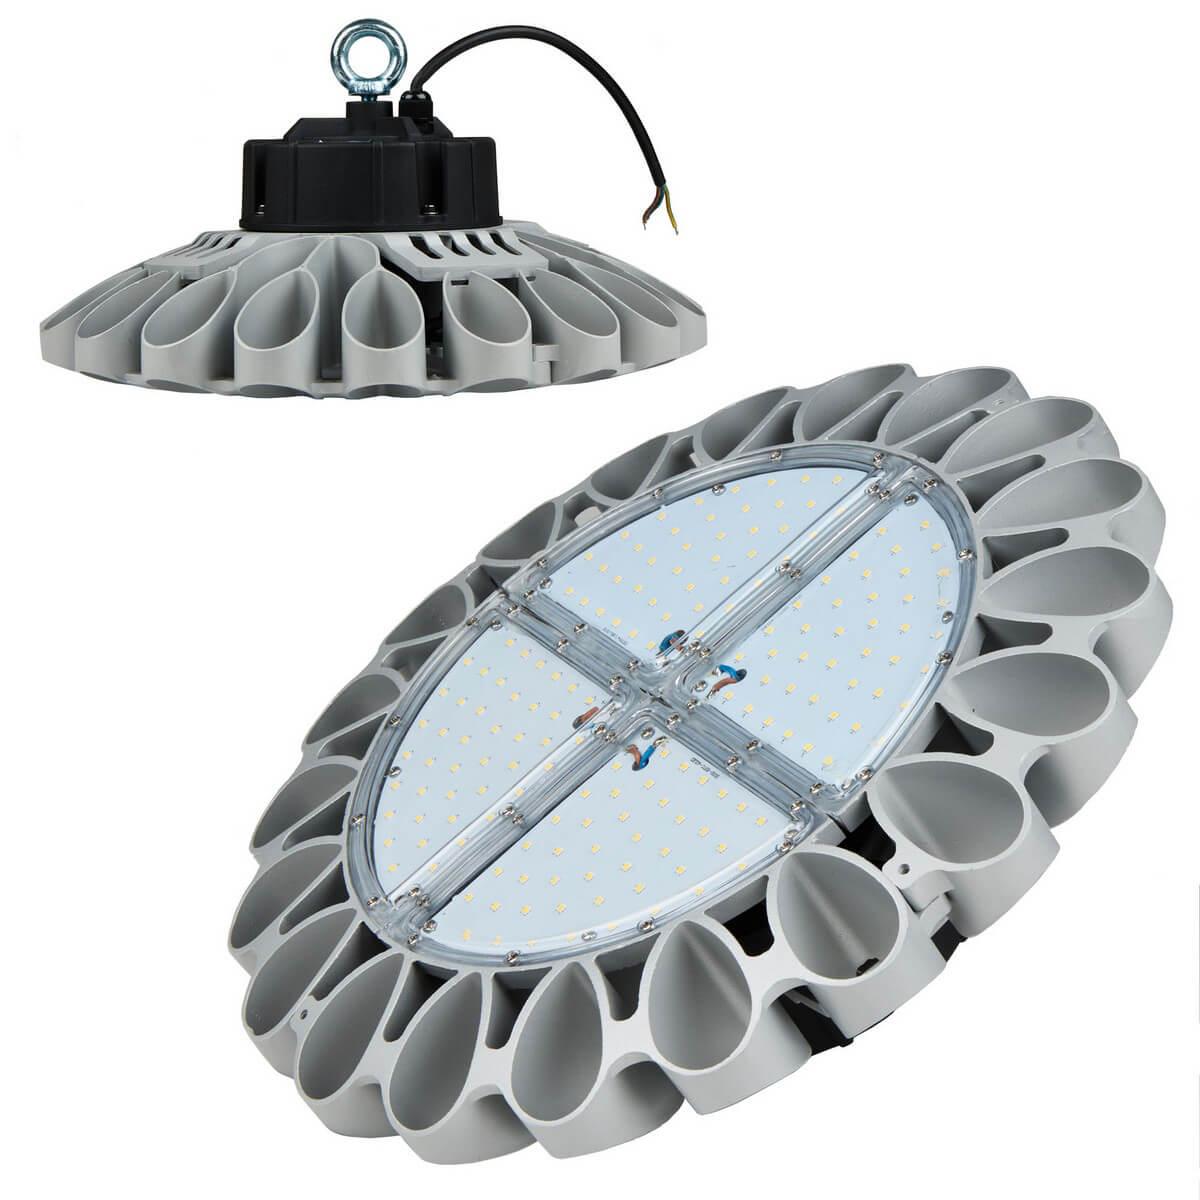 Подвесной светодиодный светильник (UL-00001708) Uniel ULY-U30B-100W/NW IP65 Silver подвесной светодиодный светильник ul 00002057 uniel uly u30b 100w dw ip65 silver